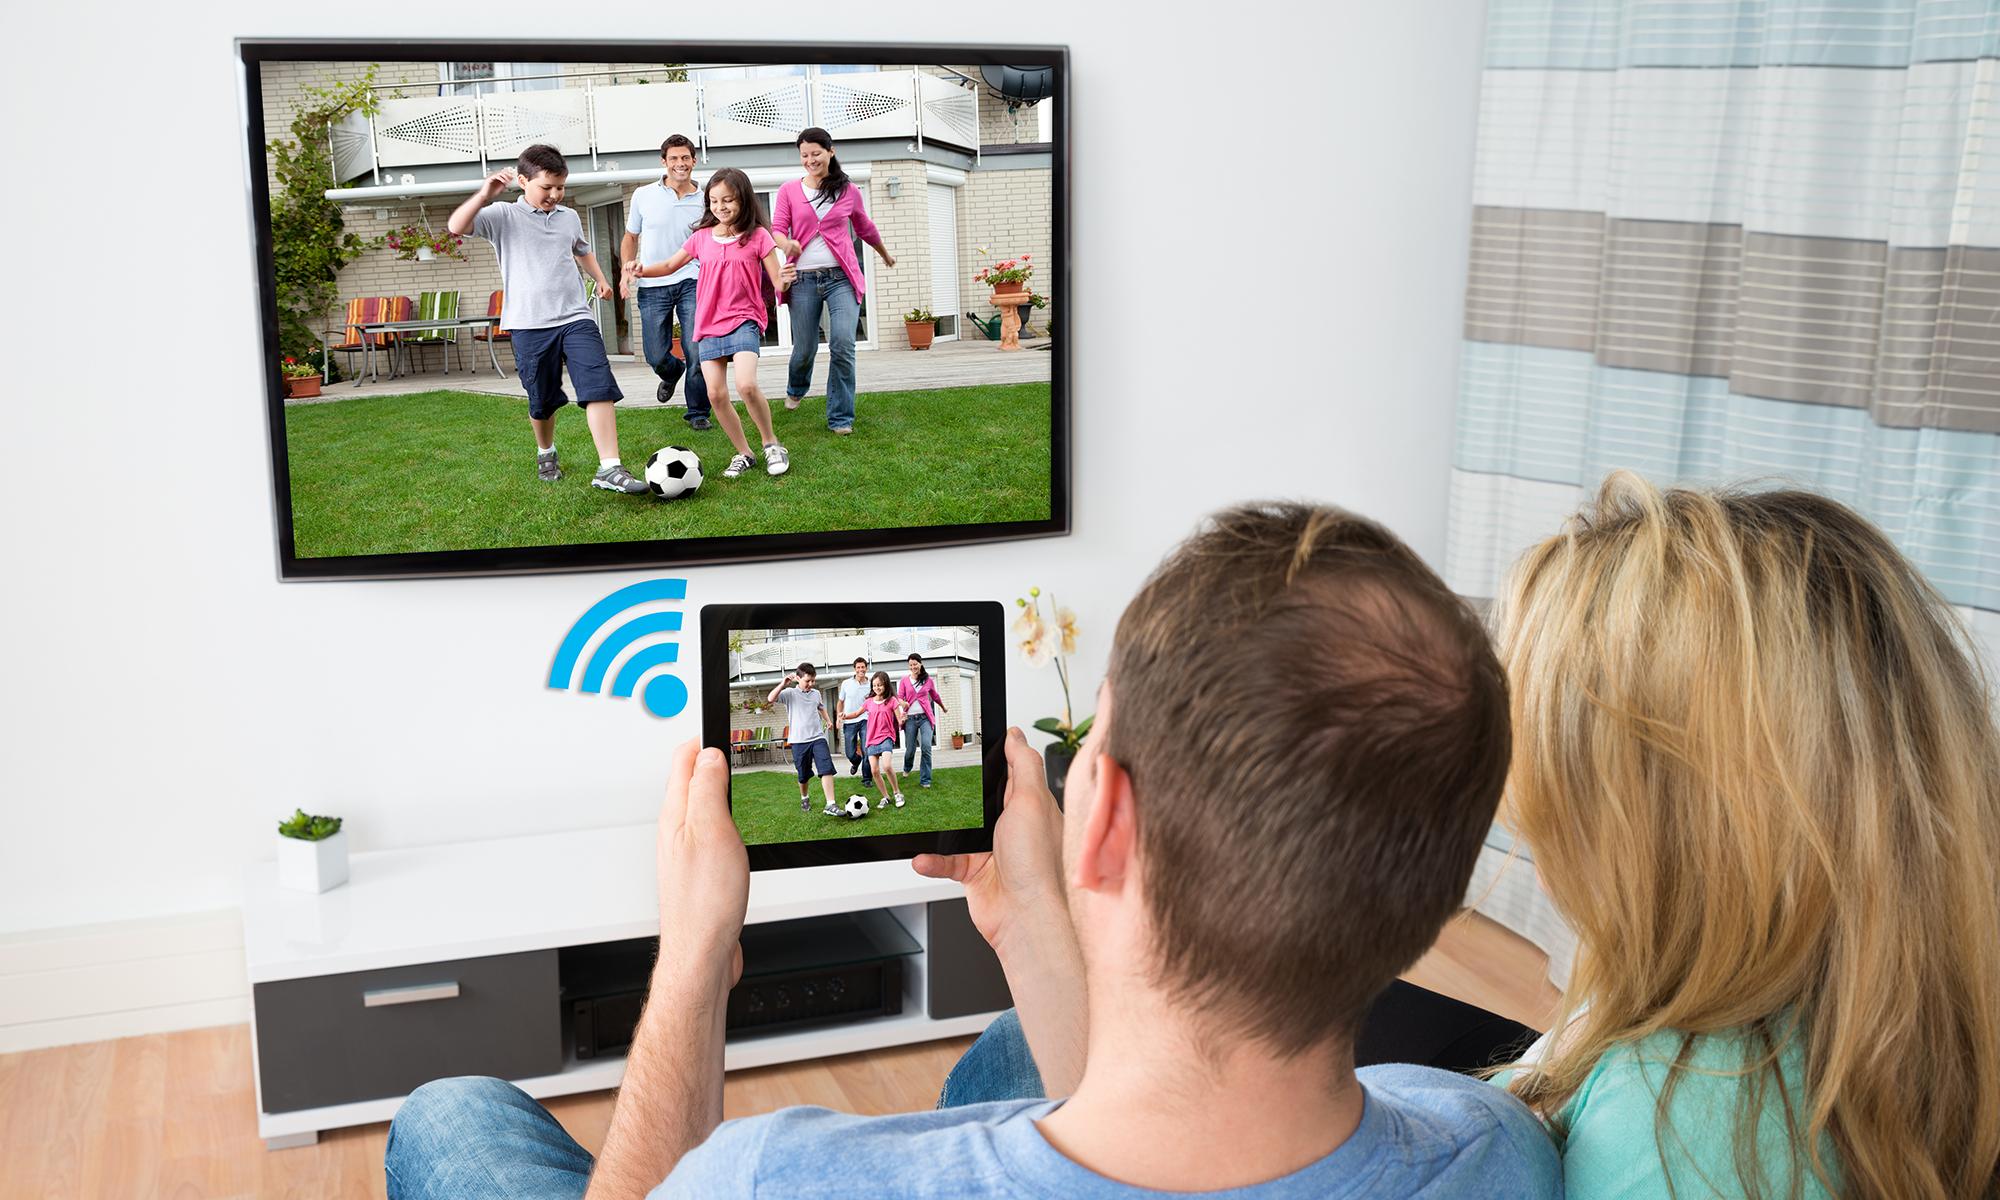 set up a second TV